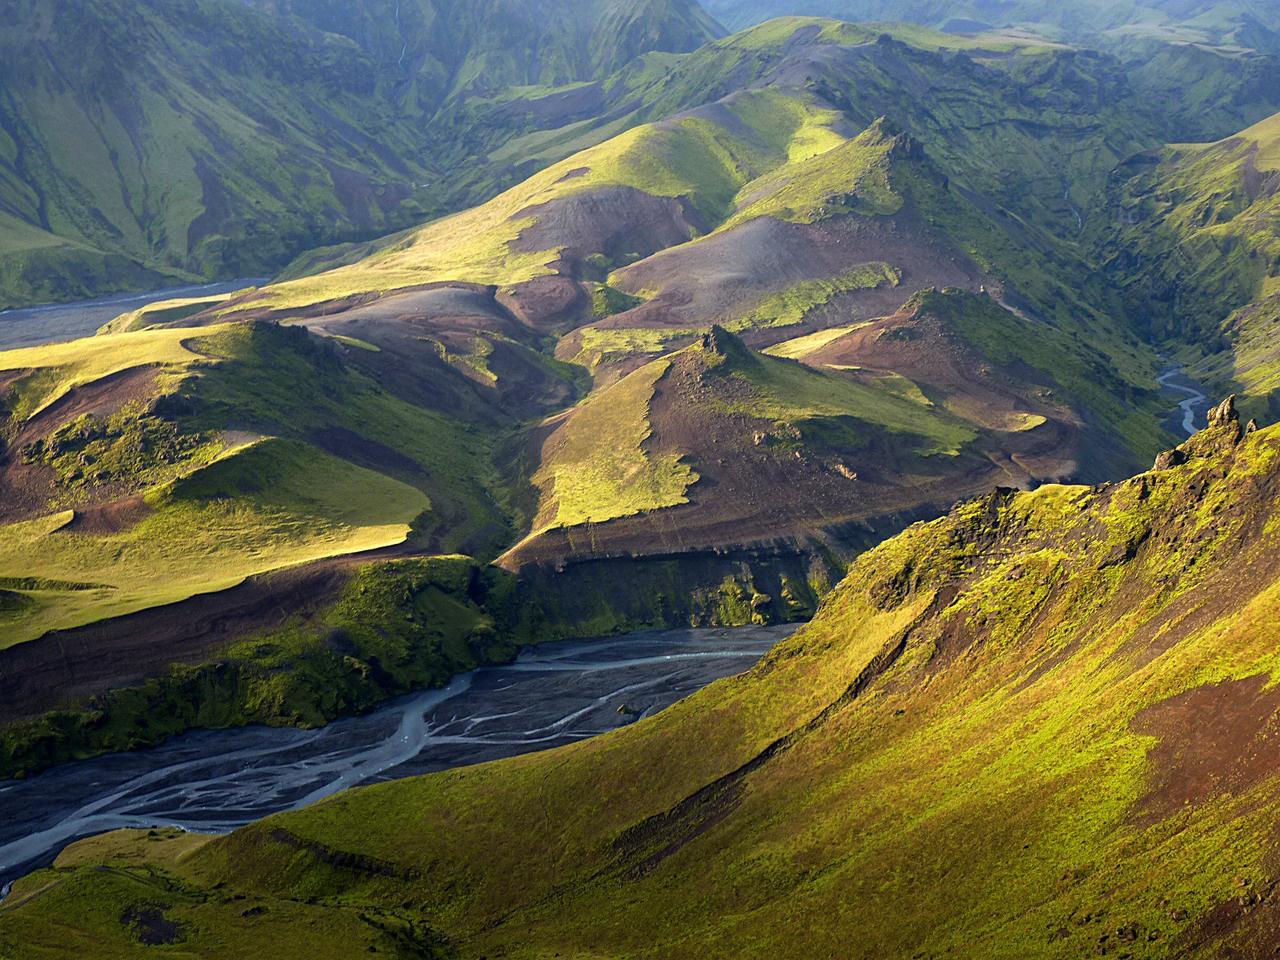 Az ember csak néz, mint a moziban: Izlandon páratlanul szép tájak találhatók, éspedig nem egy-két helyen, hanem tömegével. Kilátás a Bard-hegyről, ami a híres Katla vulkán közelében áll